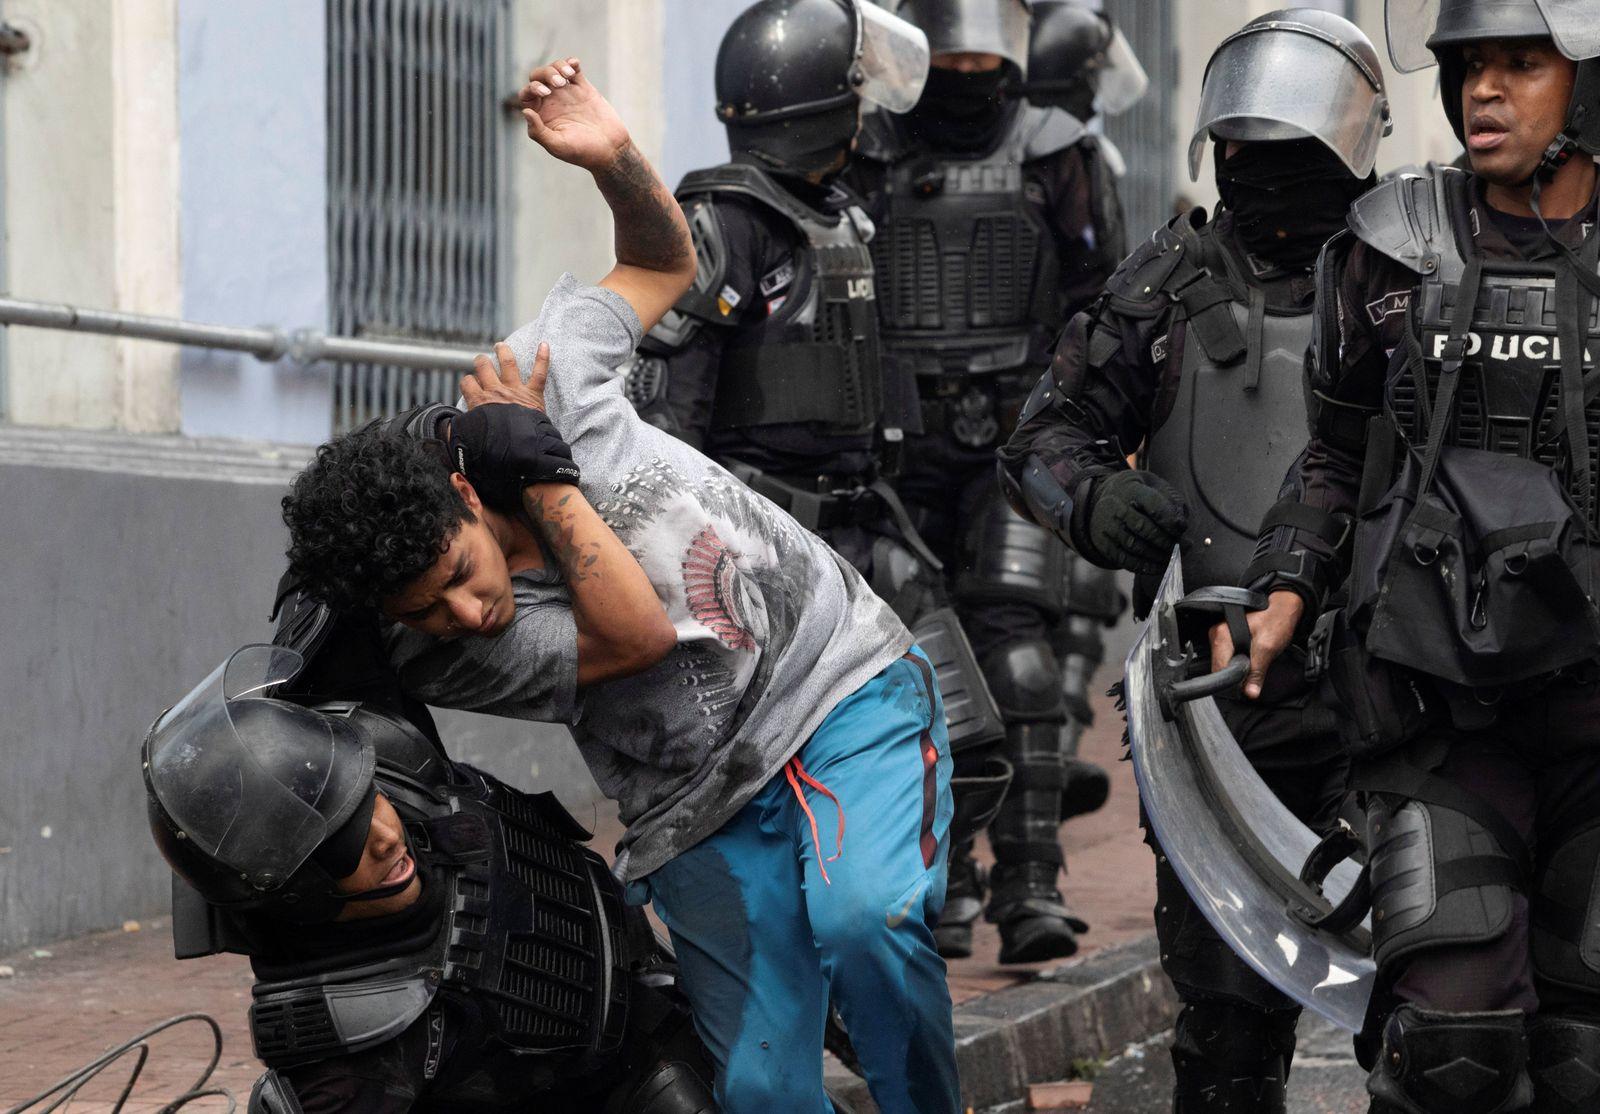 ECUADOR-PROTESTS/